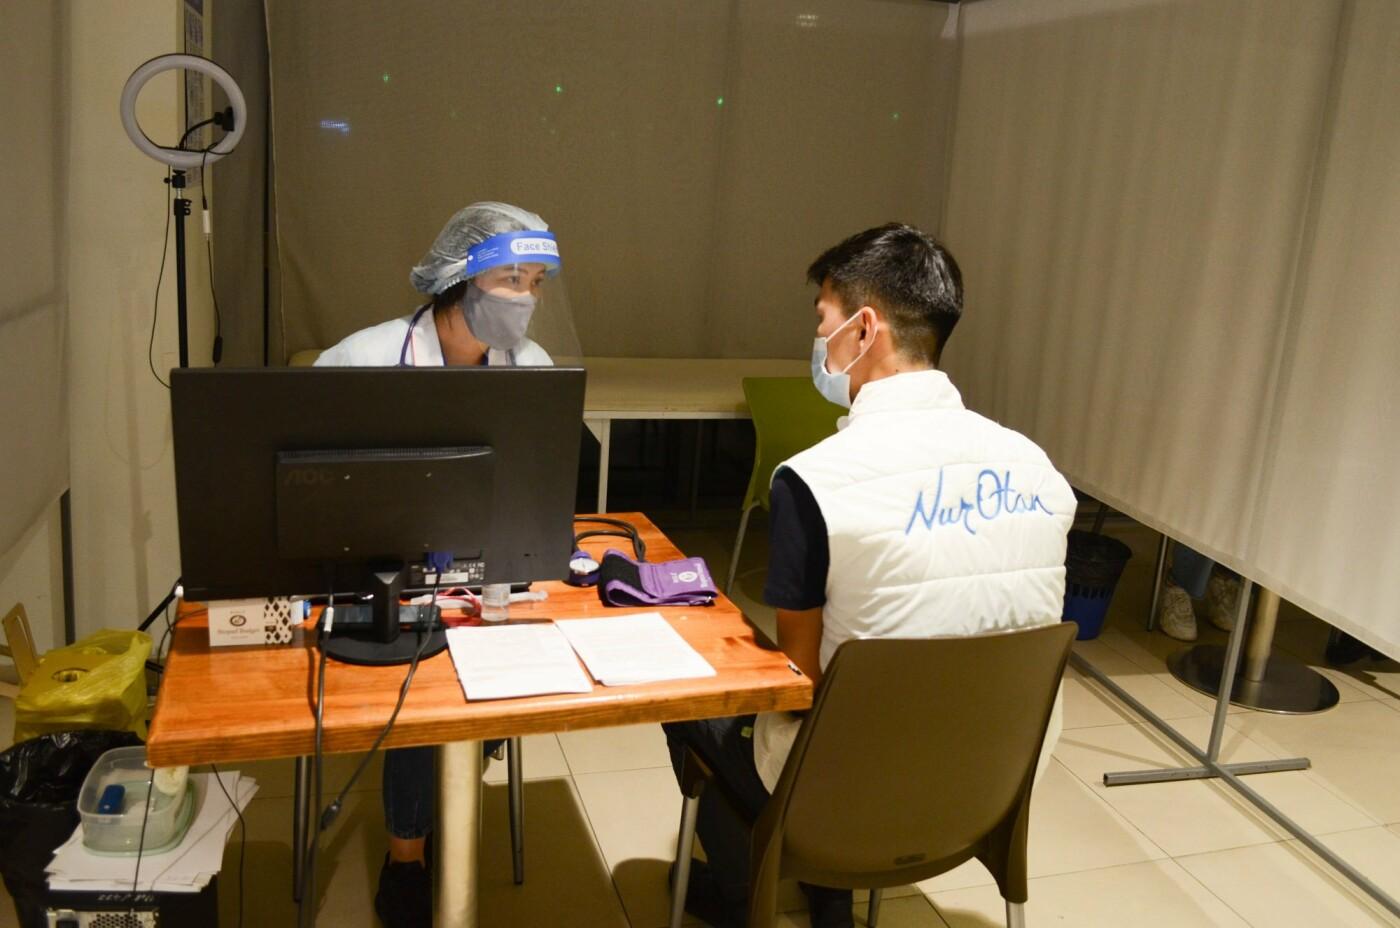 Как в ТРЦ Алматы проходит массовая вакцинация казахстанской вакциной QazVac, фото-4